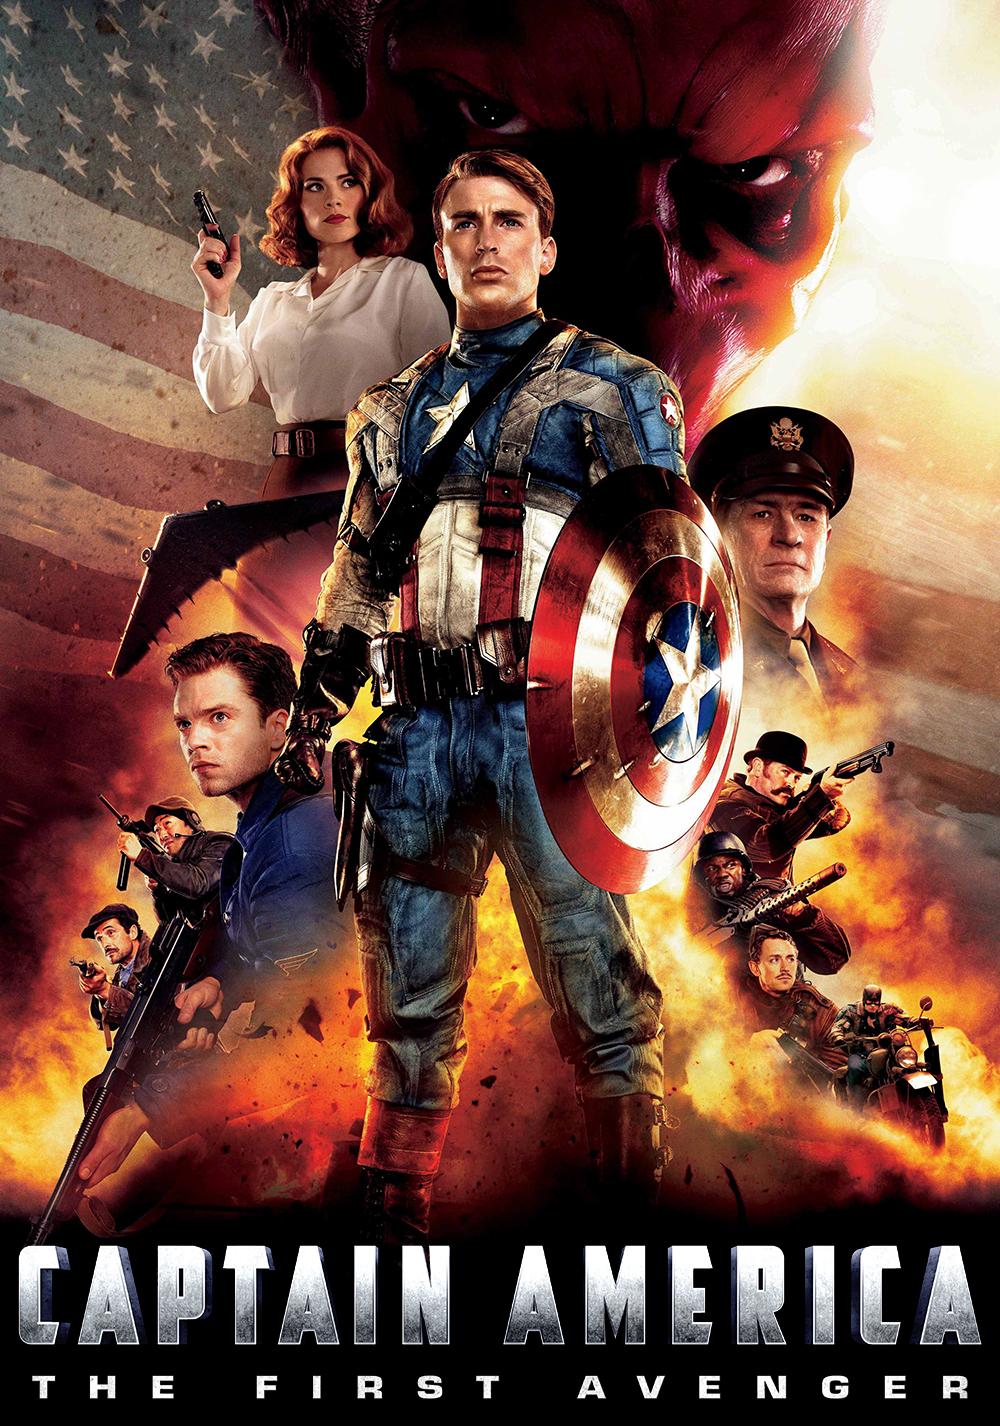 Captain america the first avenger movie fanart for Captain america